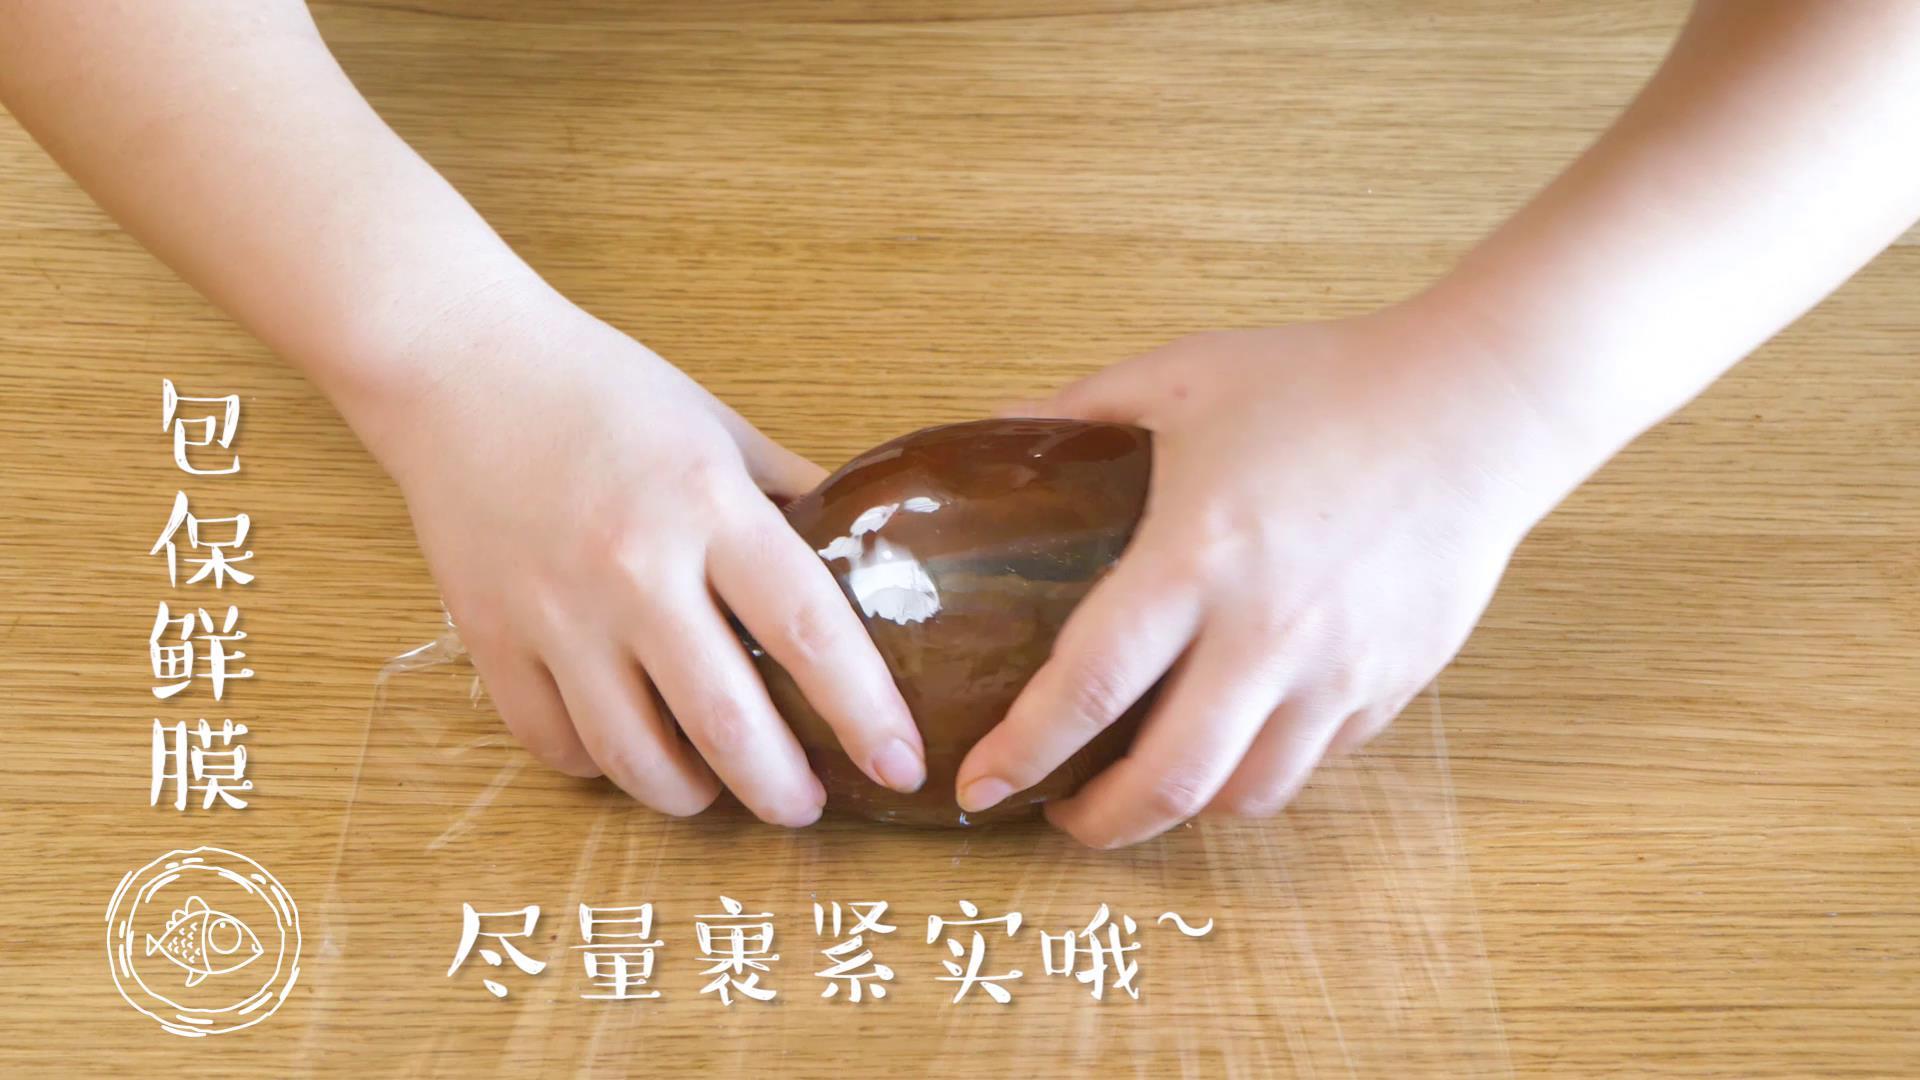 酱牛肉18m+(宝宝辅食),然后捞出晾凉,用保鲜膜包上,尽量裹紧实哈~</p> <p>Tips:如果不着急的话,可以在炖牛肉的汤里焖一宿,会更入味~